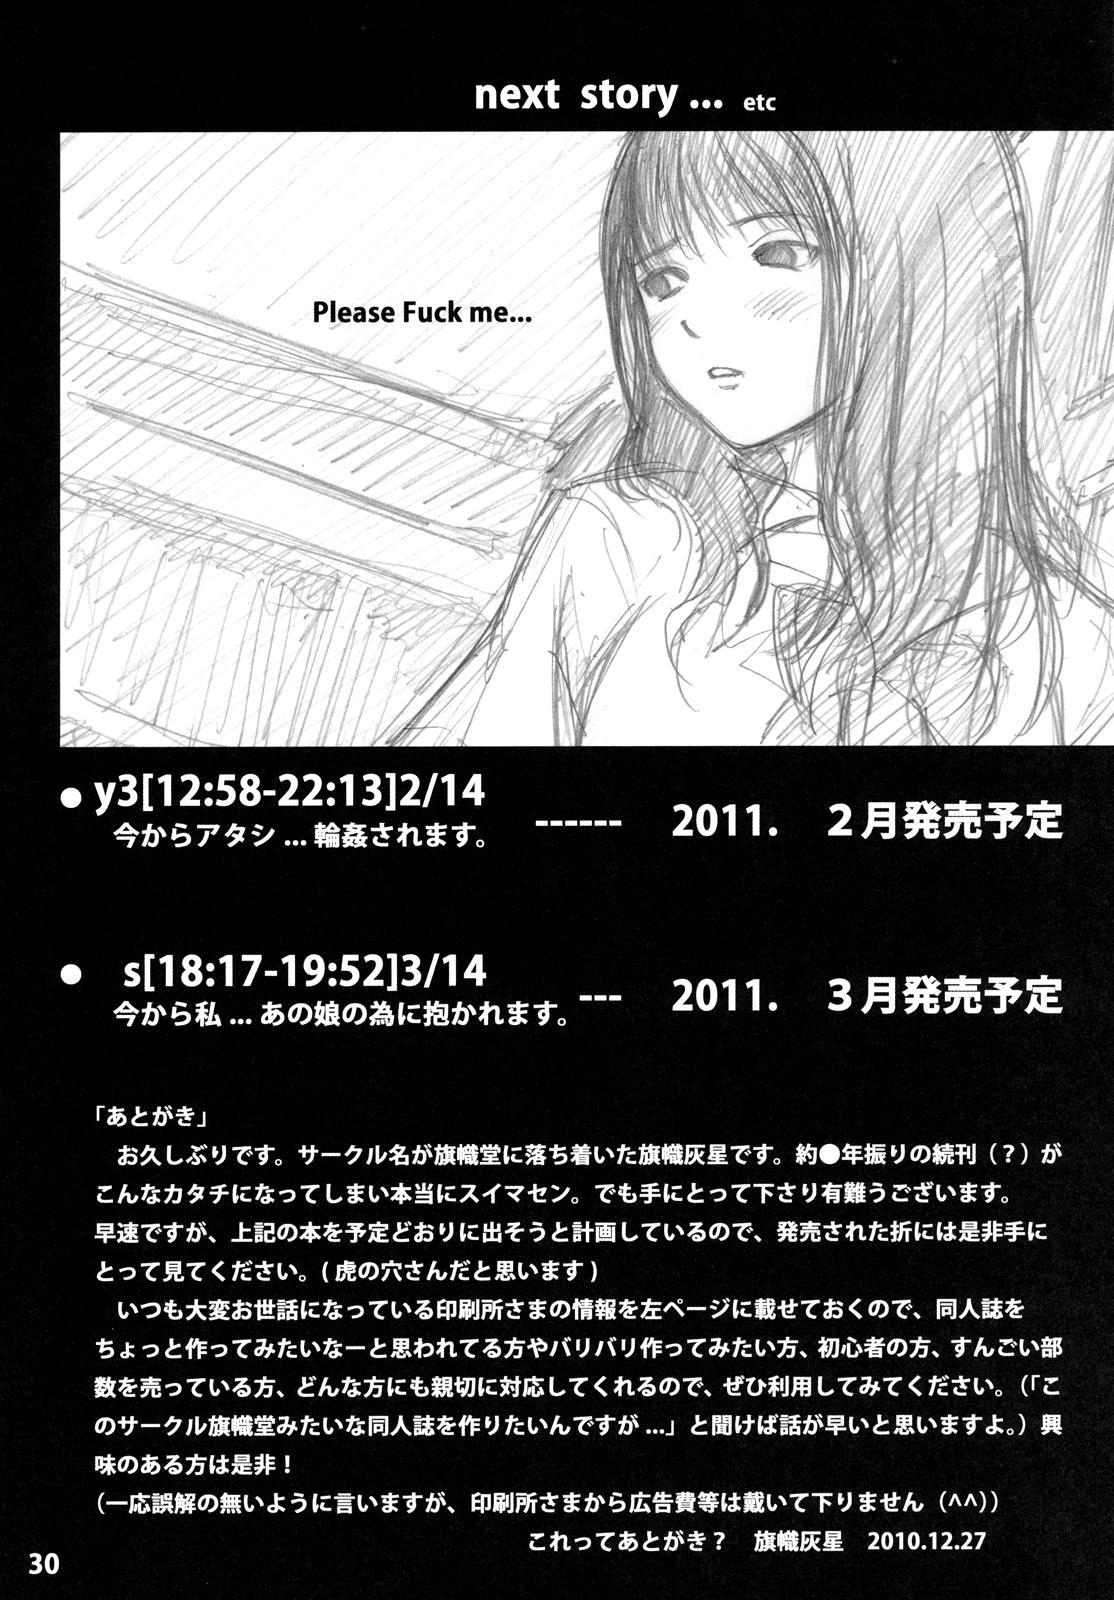 (C79) [Kisidou (Kishi Kaisei)] y2[20:47-23:19] Madamada Atashi… Okasaremasu. [English] =Little White Butterflies= 23